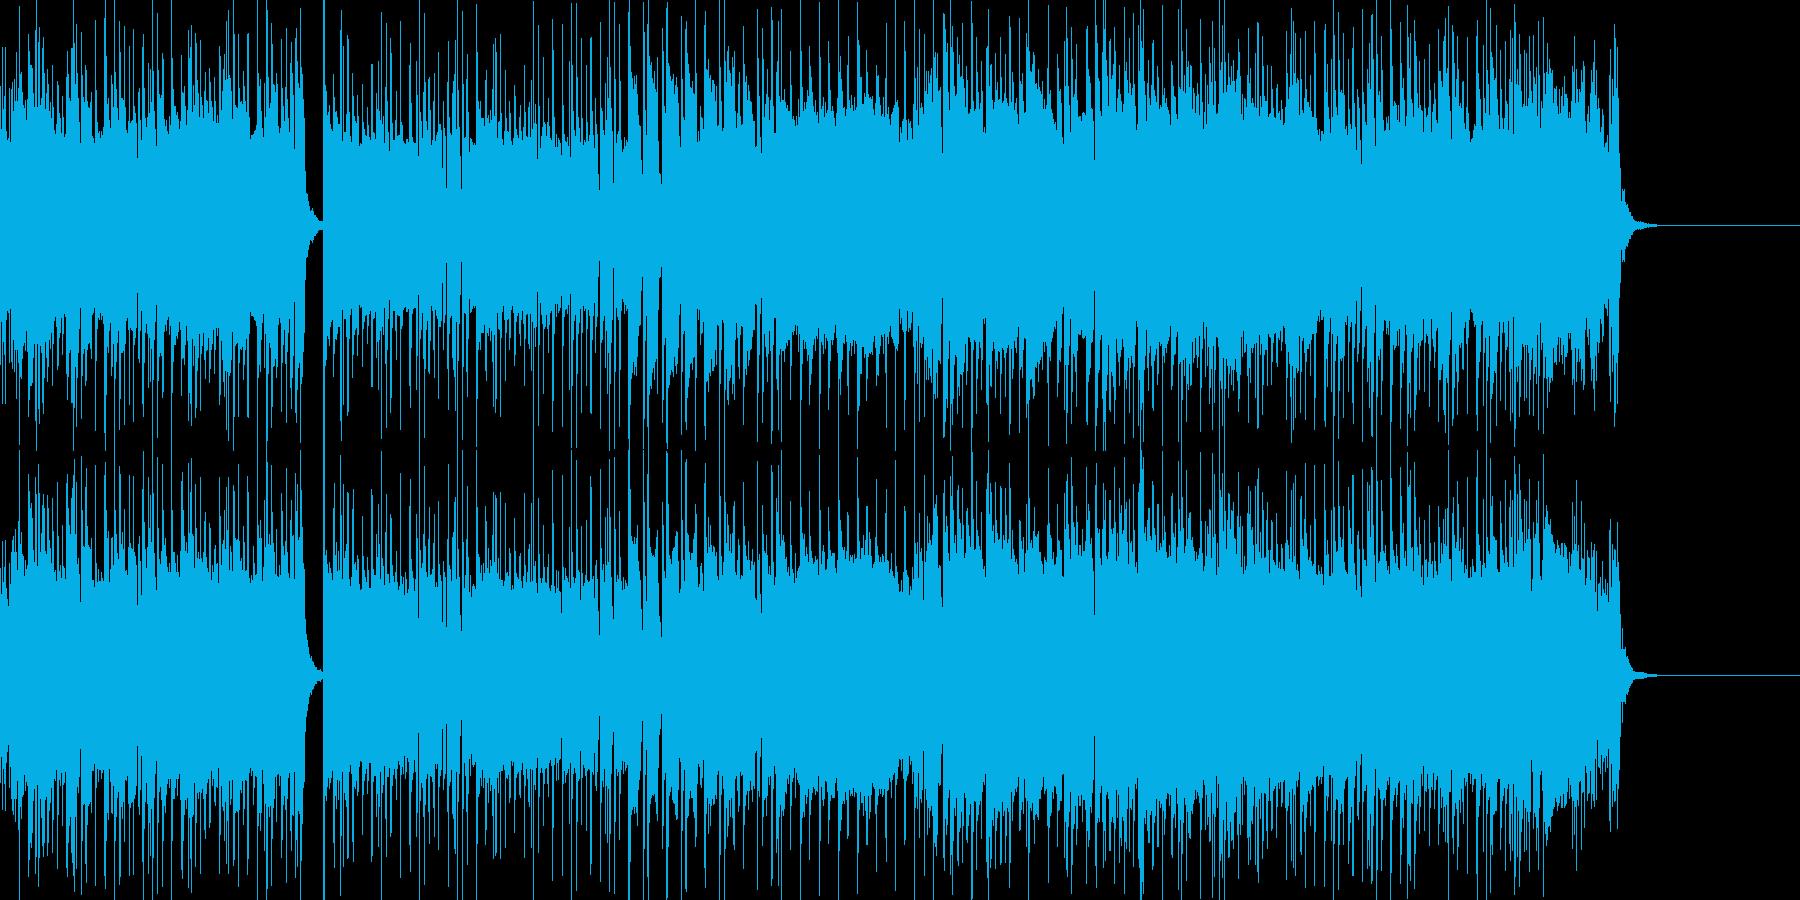 スイーツをイメージしたかわいいBGMの再生済みの波形